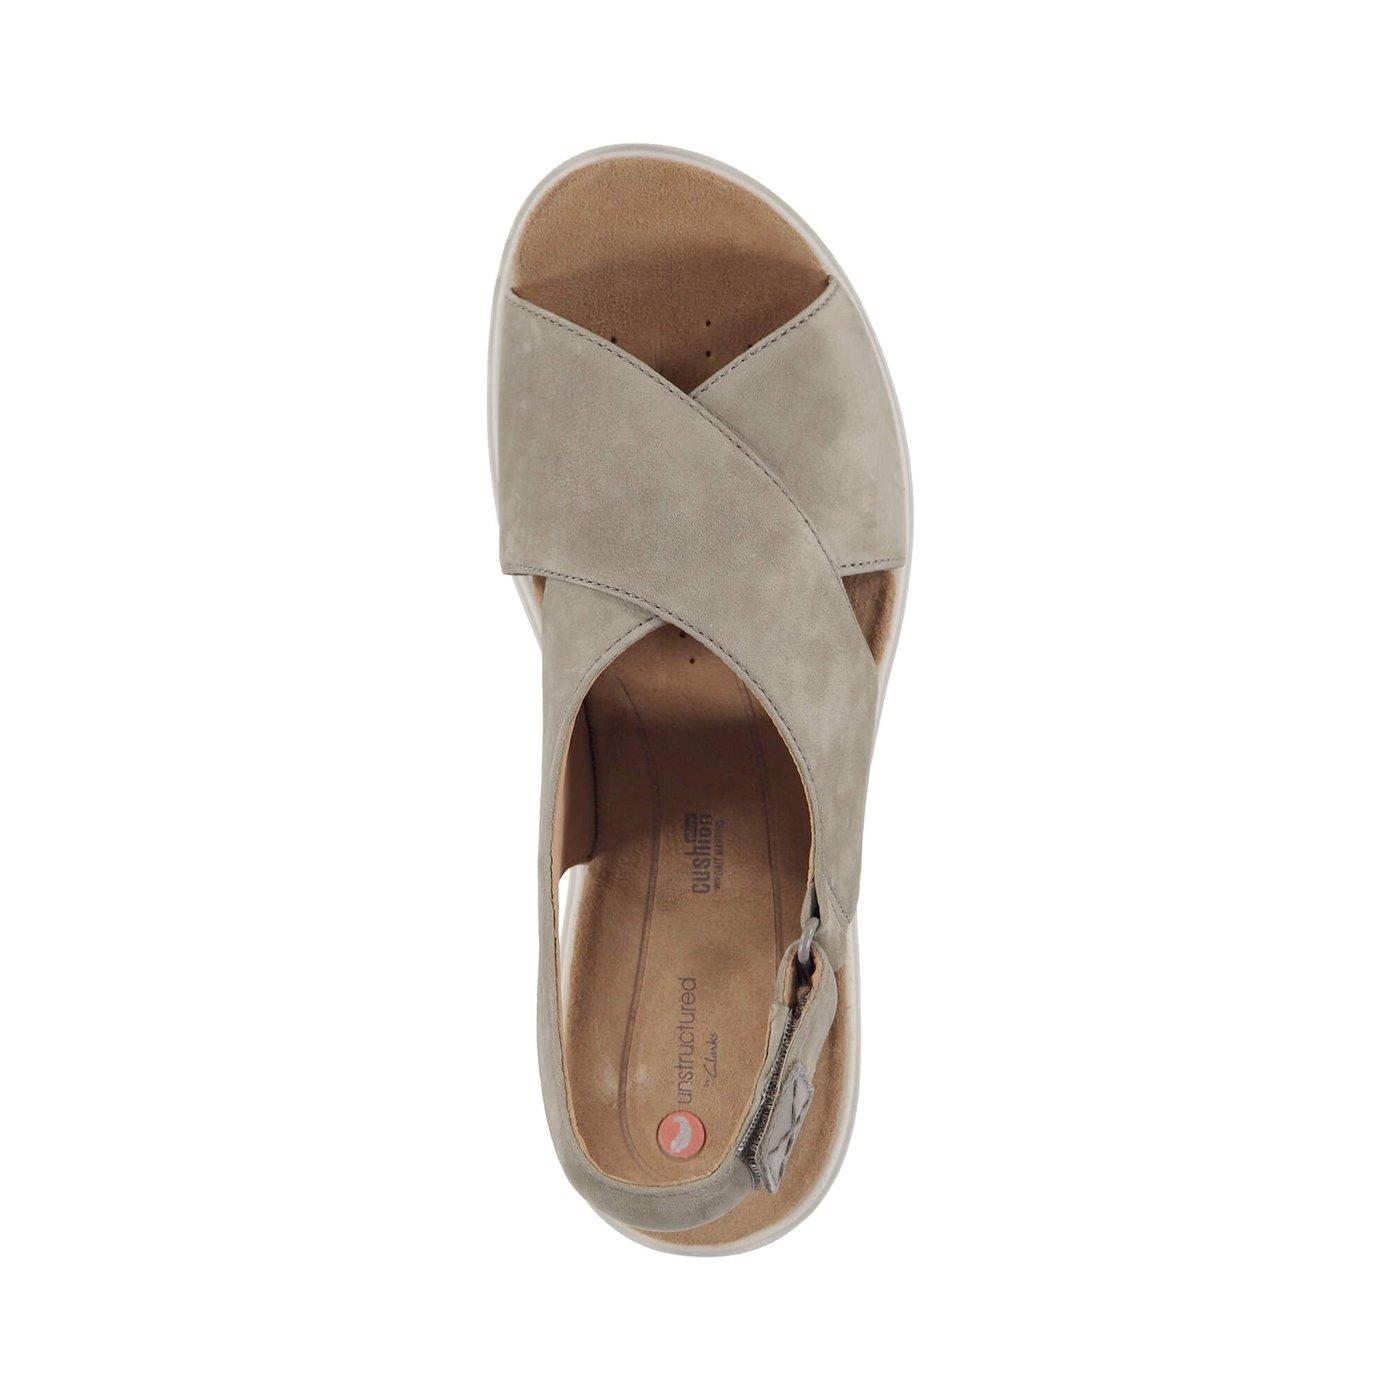 Clarks Un Karely Hail Kadın Bej Sandalet